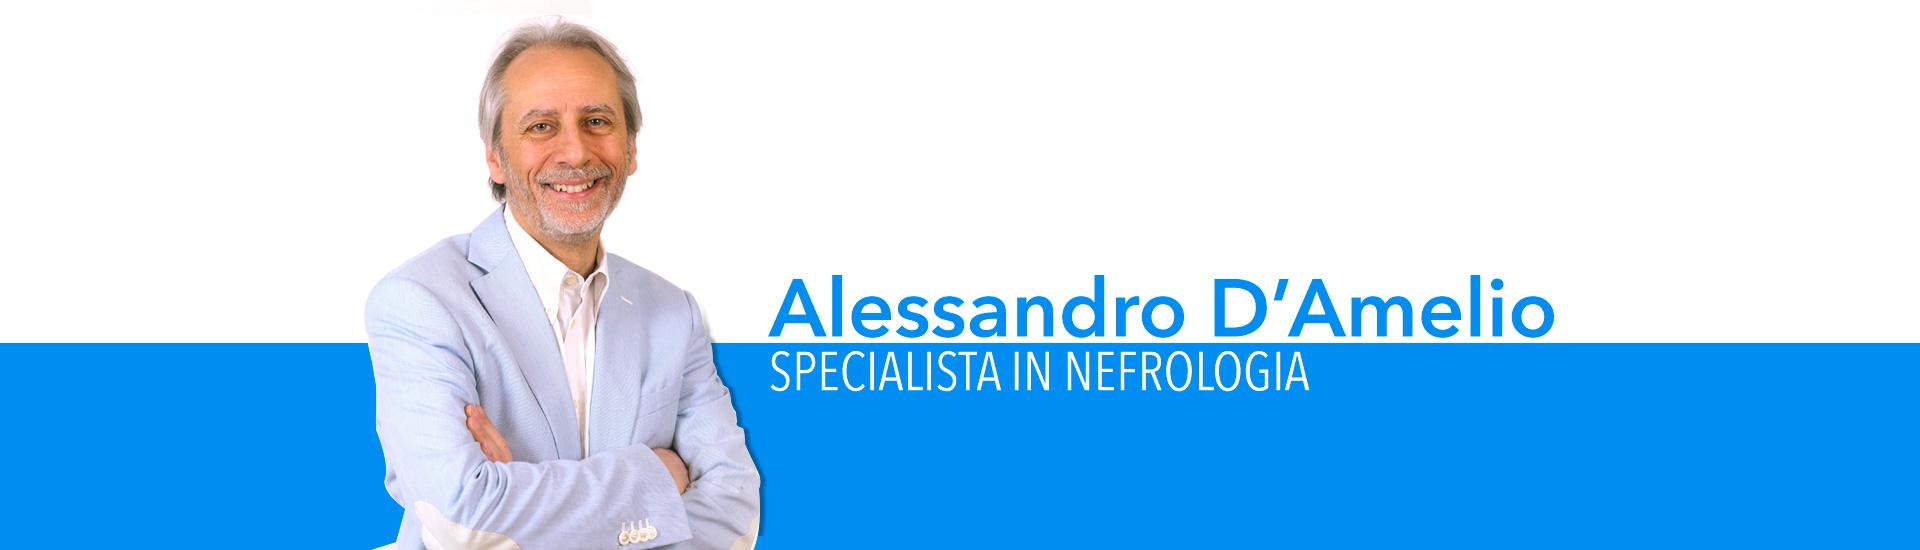 Alessandro D'Amelio